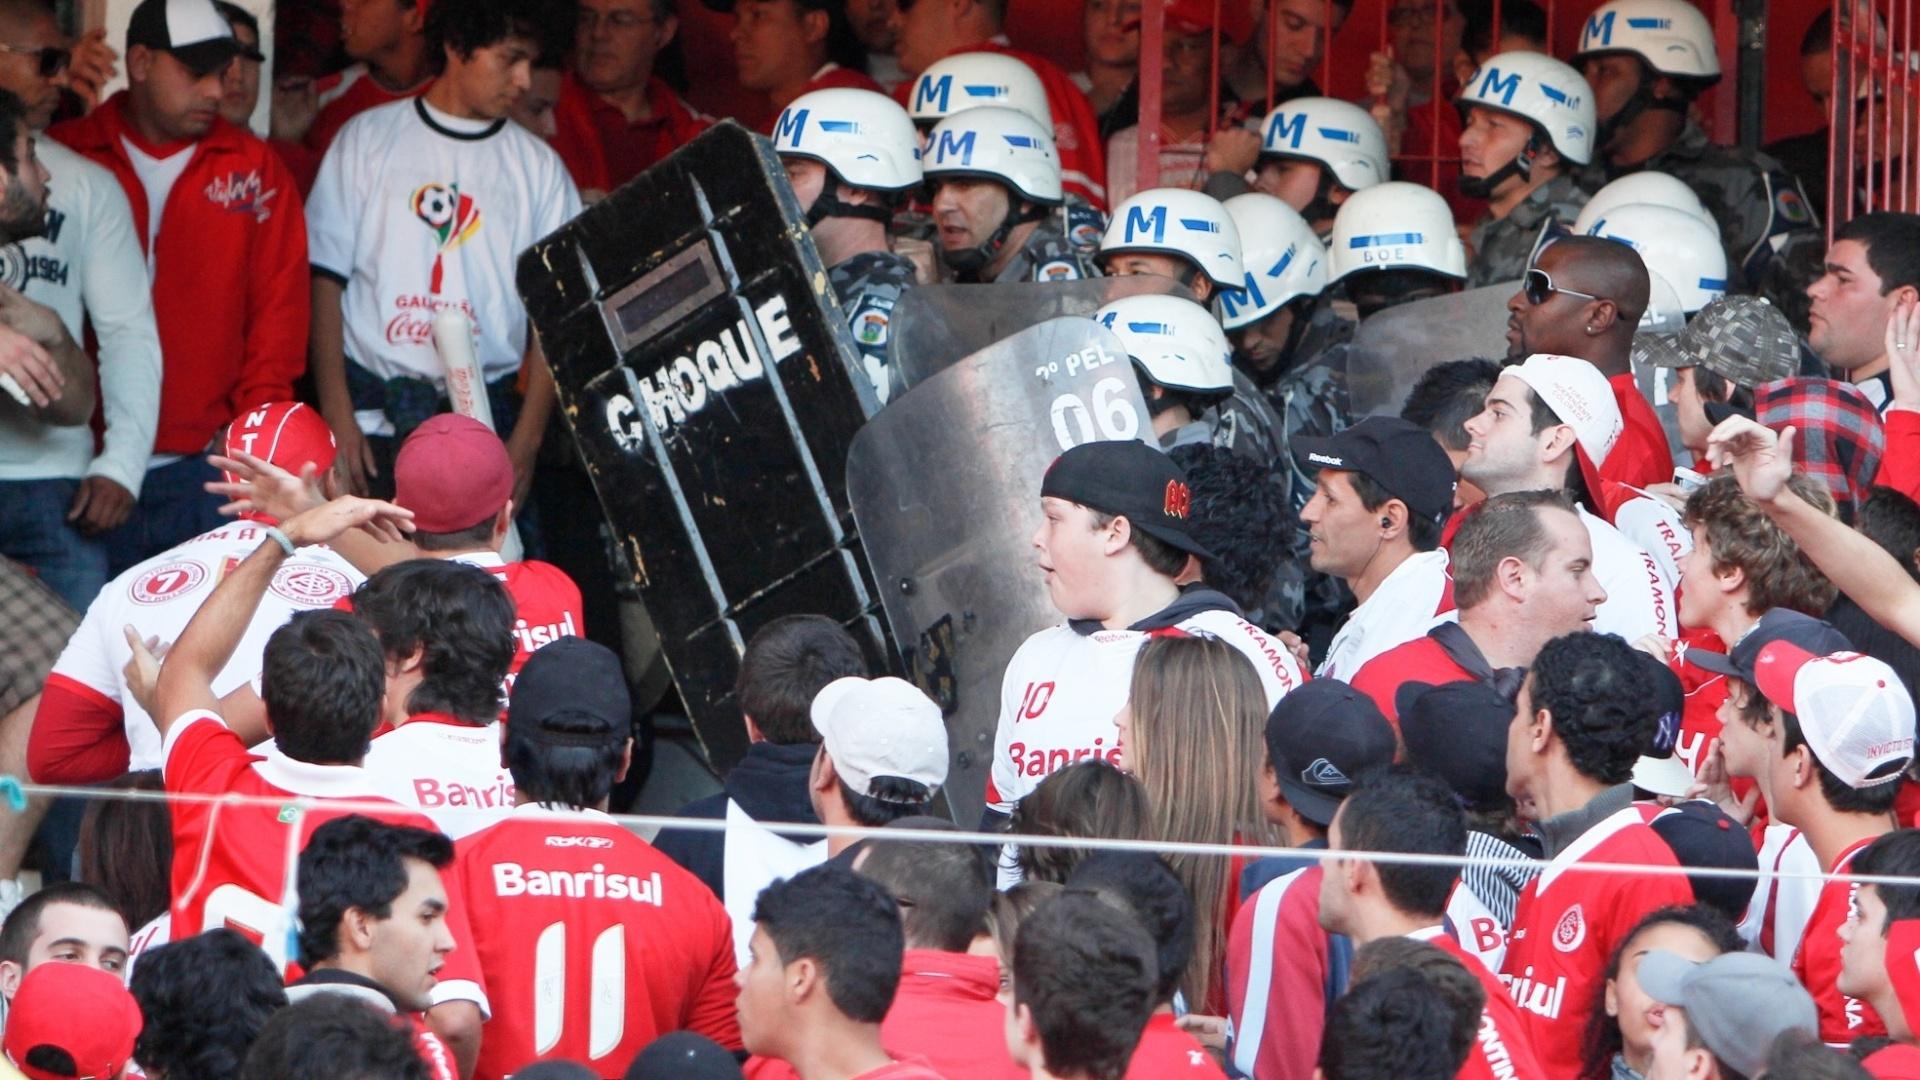 Torcedor do Internacional arruma confusão no intervalo da vitória por 2 a 1 sobre o Caxias e polícia entra em ação